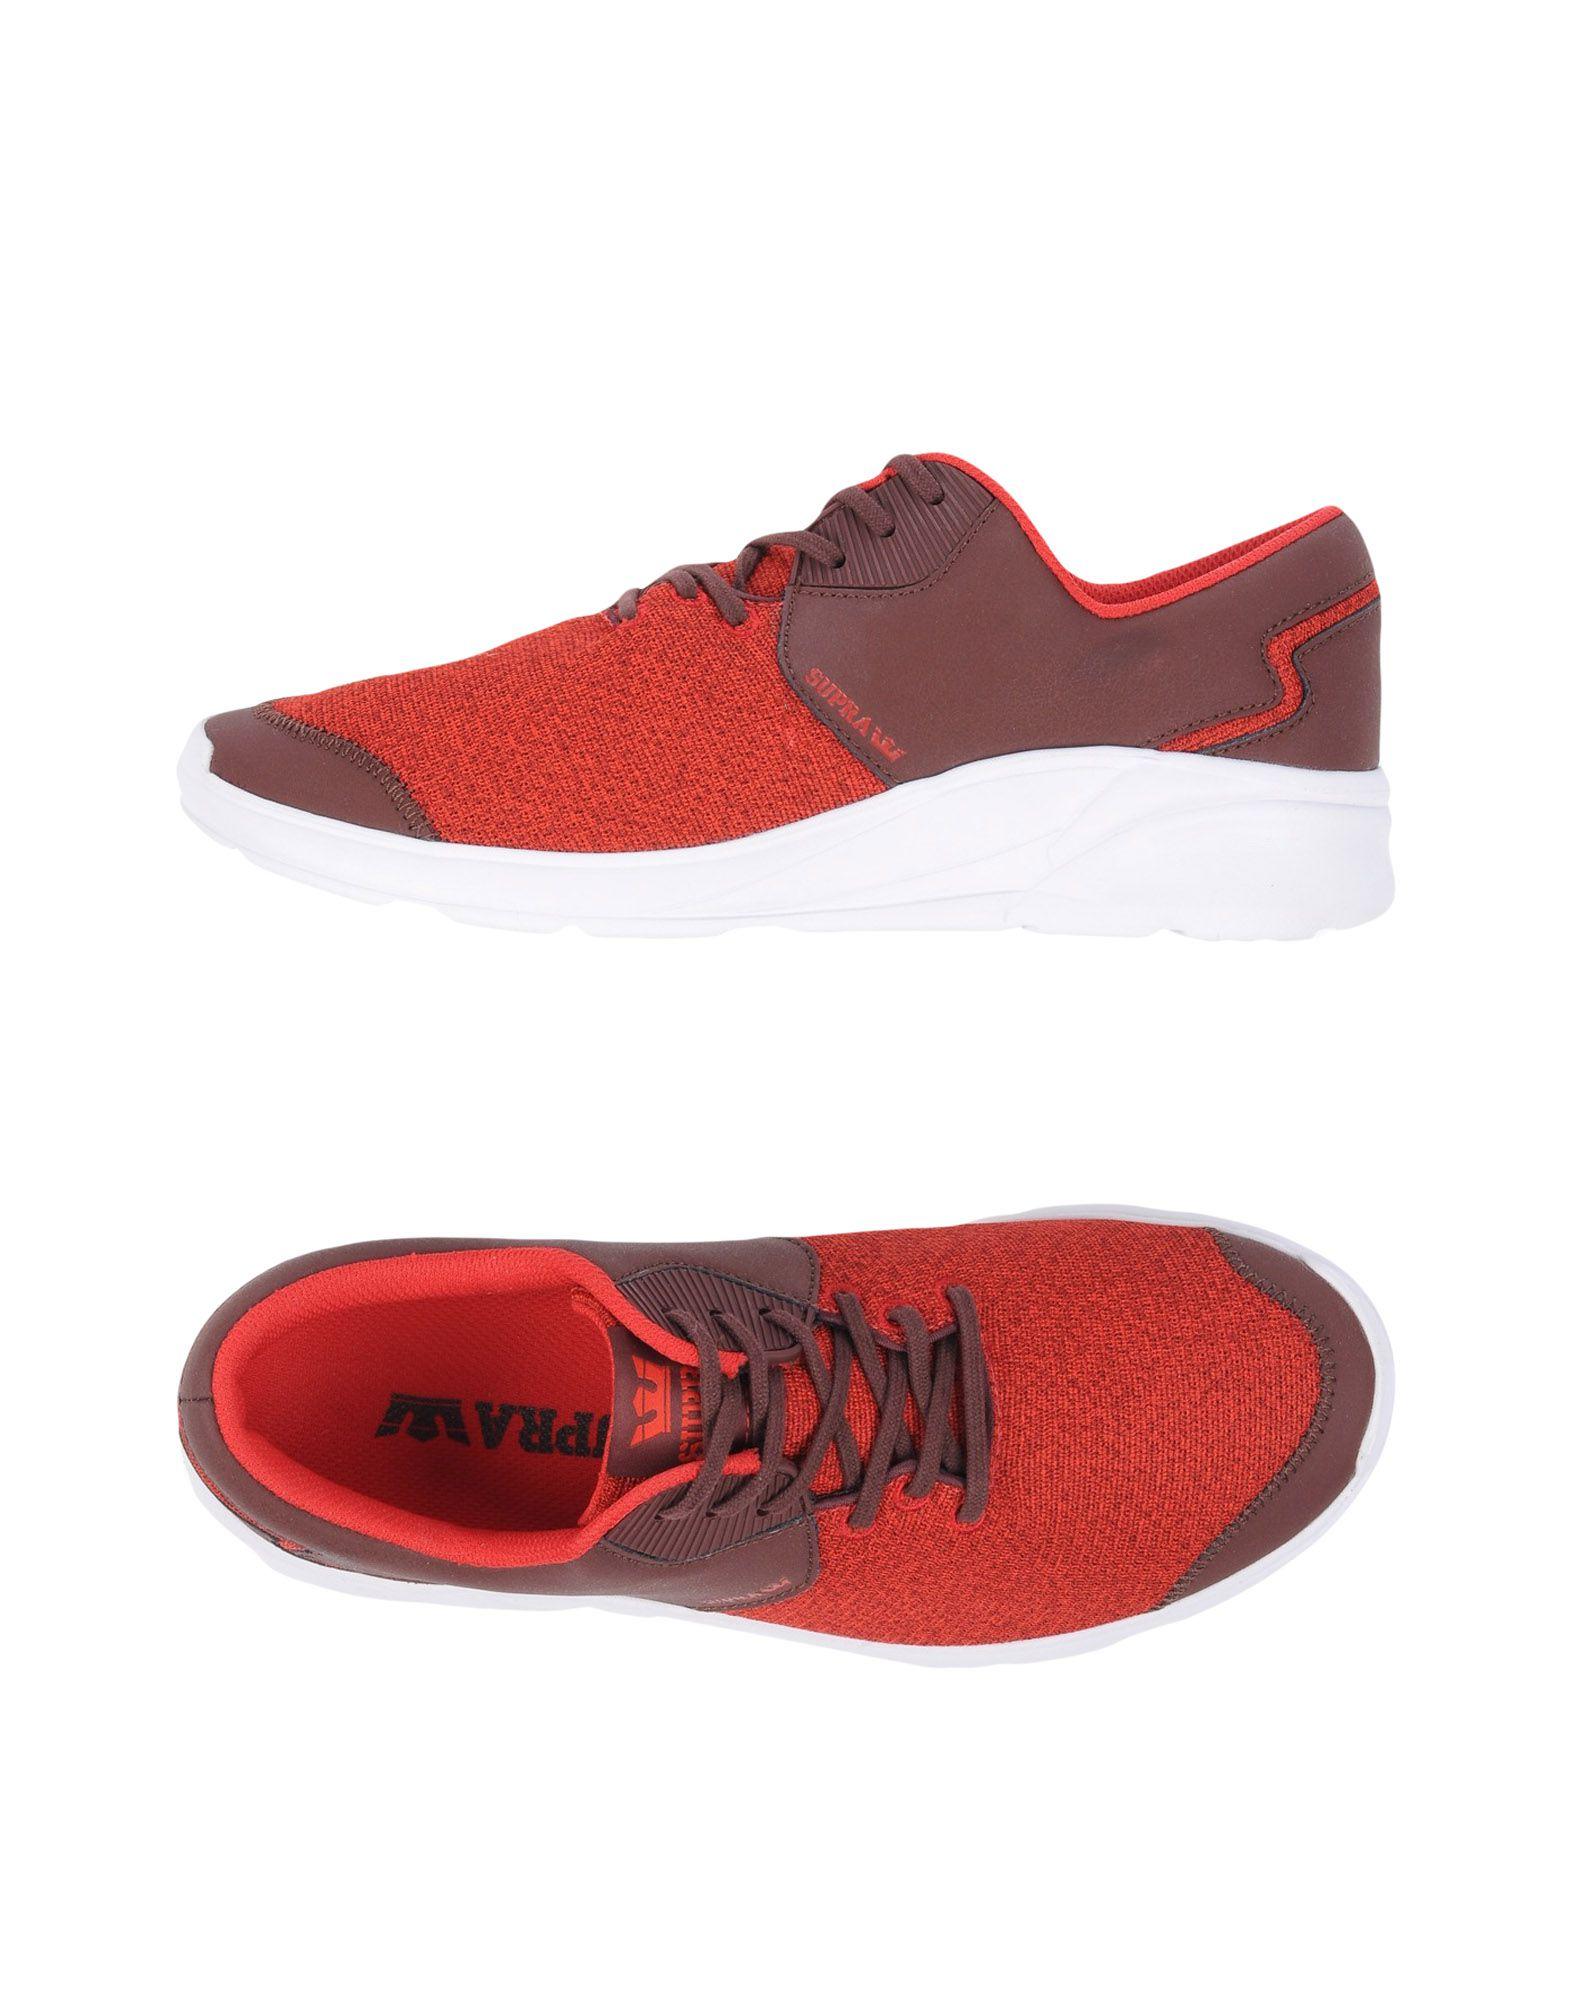 《送料無料》SUPRA メンズ スニーカー&テニスシューズ(ローカット) レンガ 9.5 革 紡績繊維